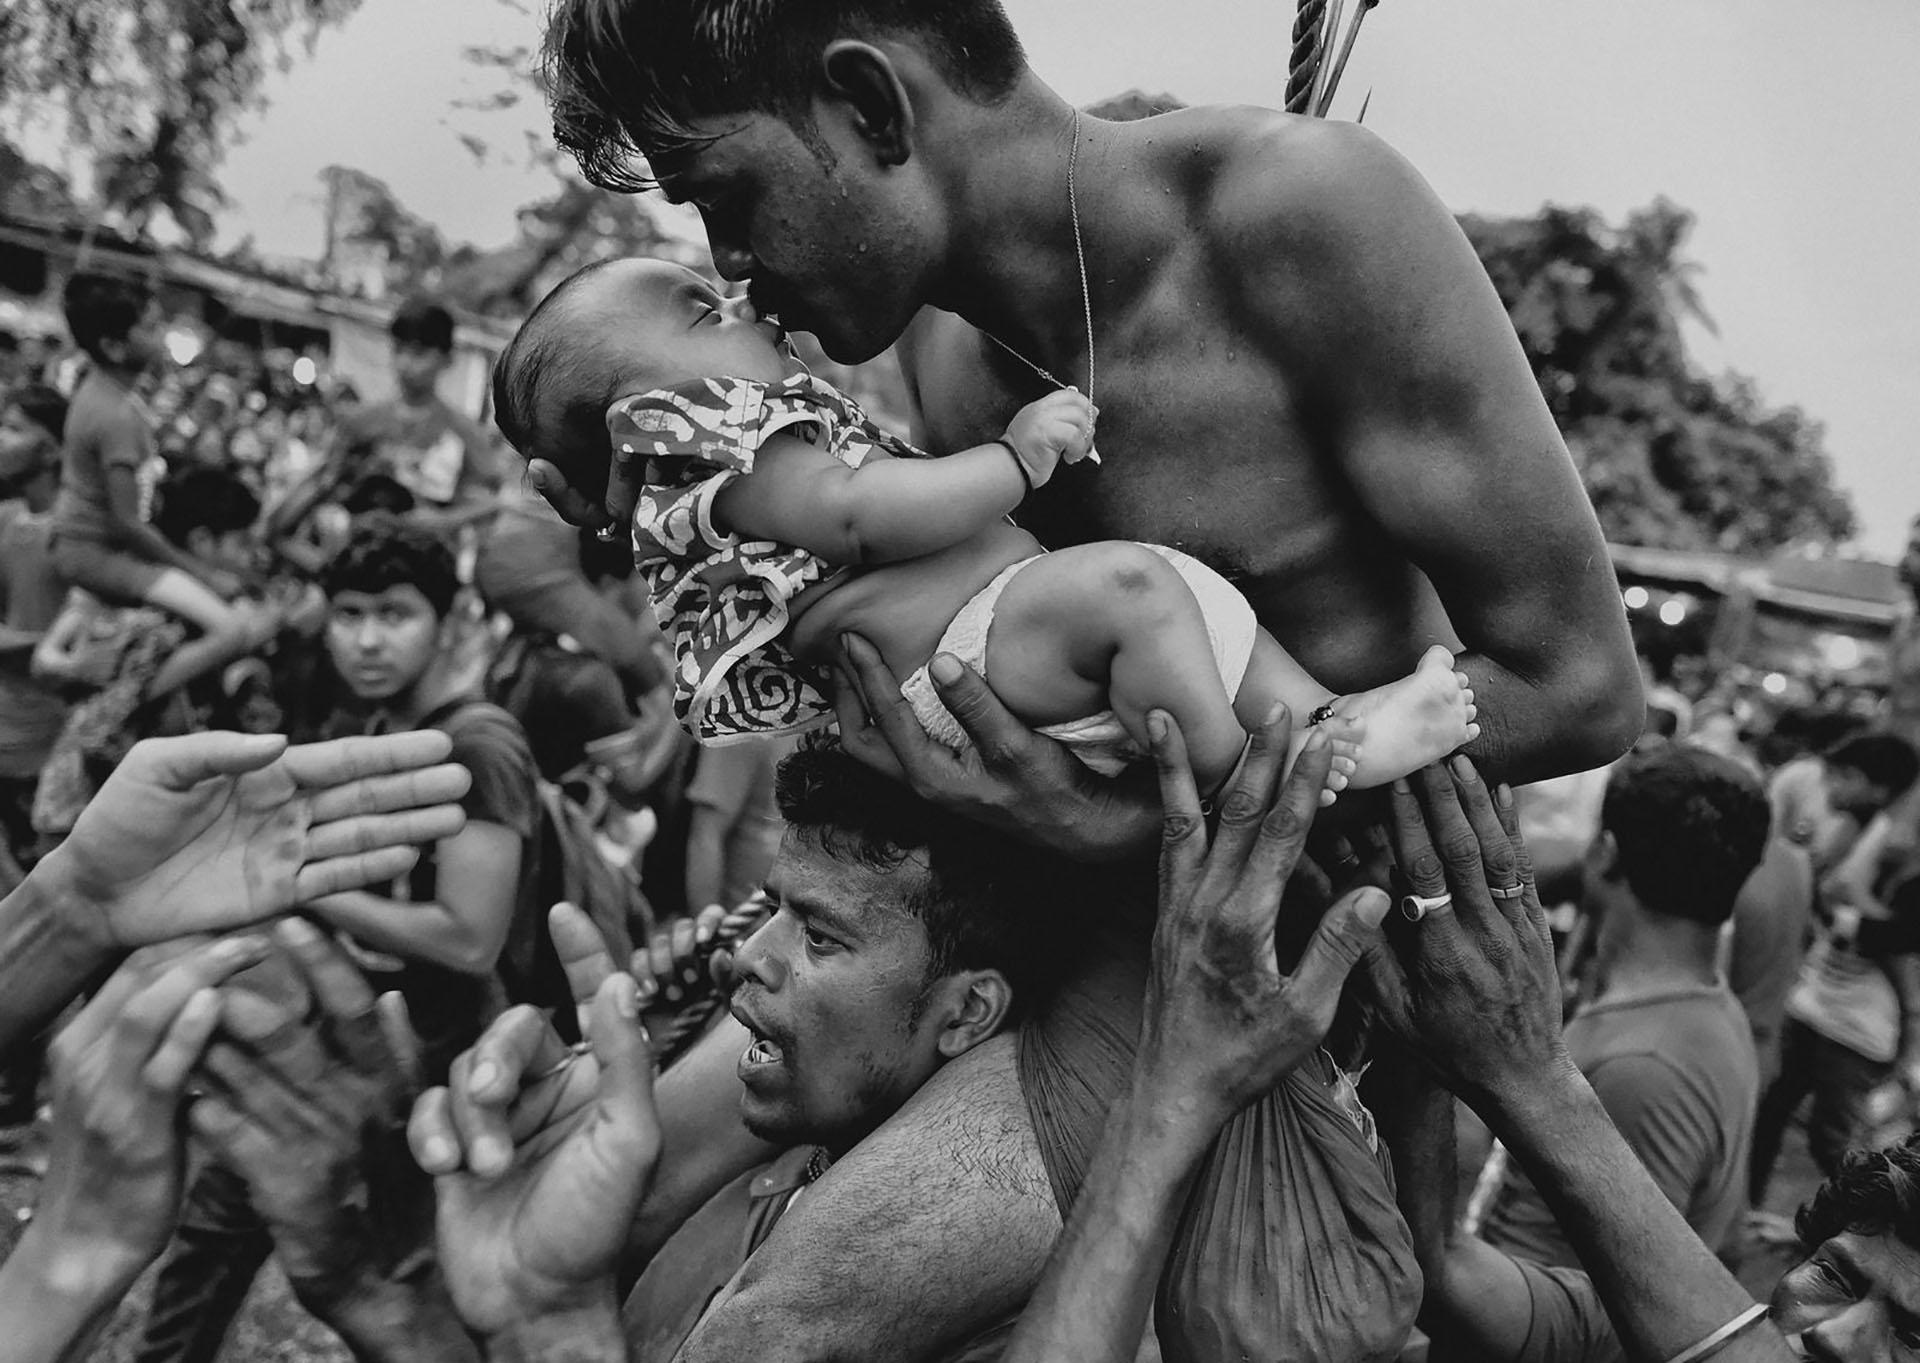 Un hombre hindú besa a un recién nacido durante el festival Charak Puja, en la India